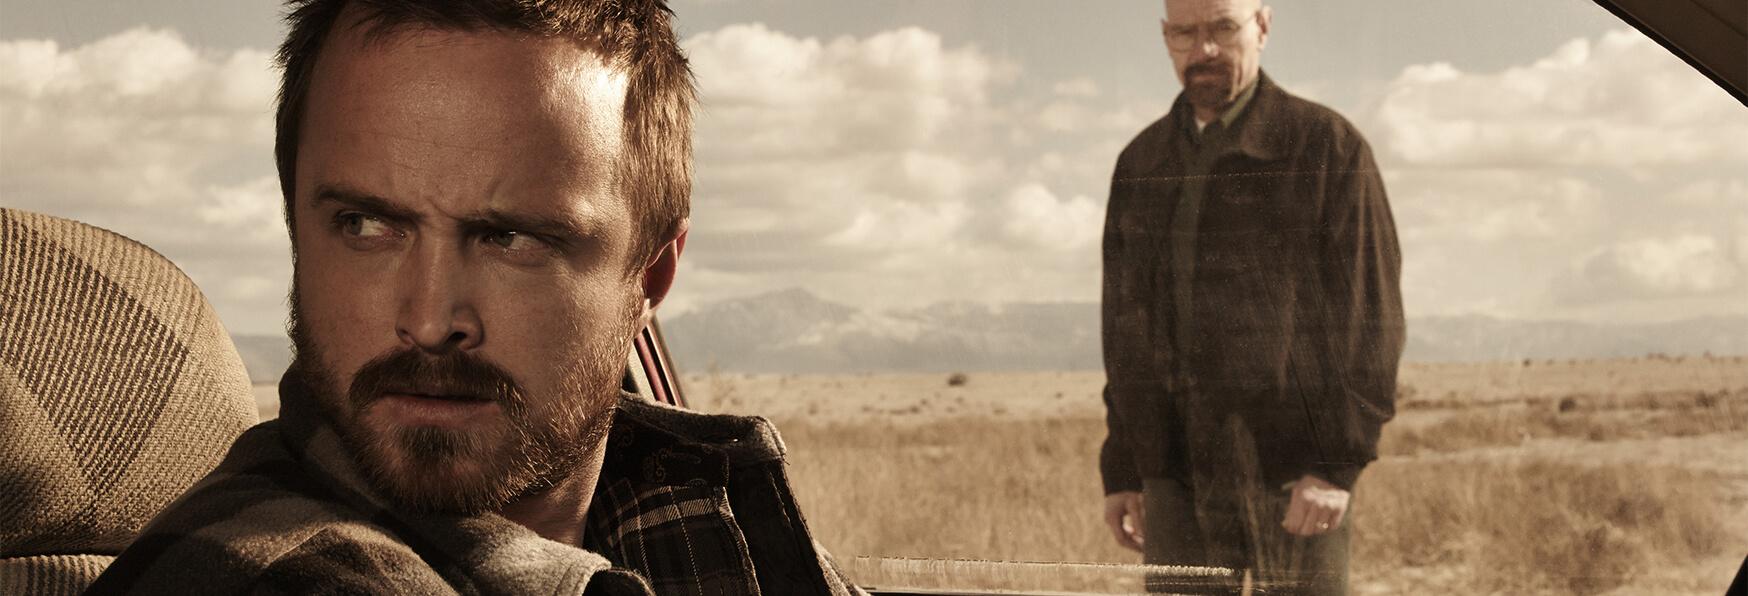 Breaking Bad: ci sono Novità riguardo il Film? Le Parole di Aaron Paul